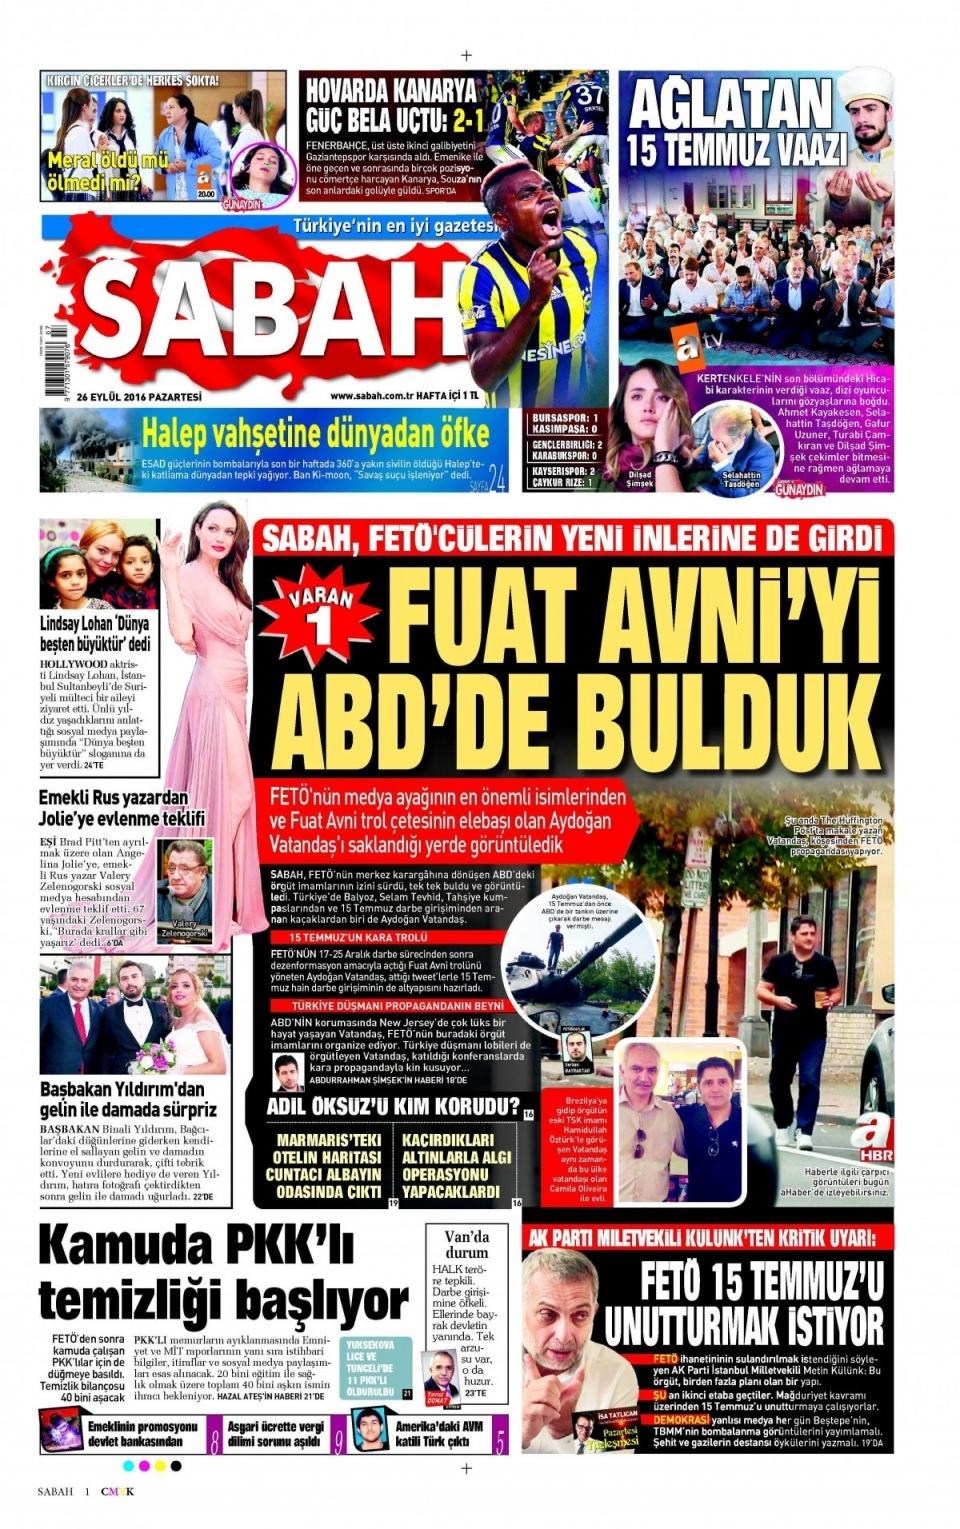 26 Eylül Pazartesi gazete manşetleri 3